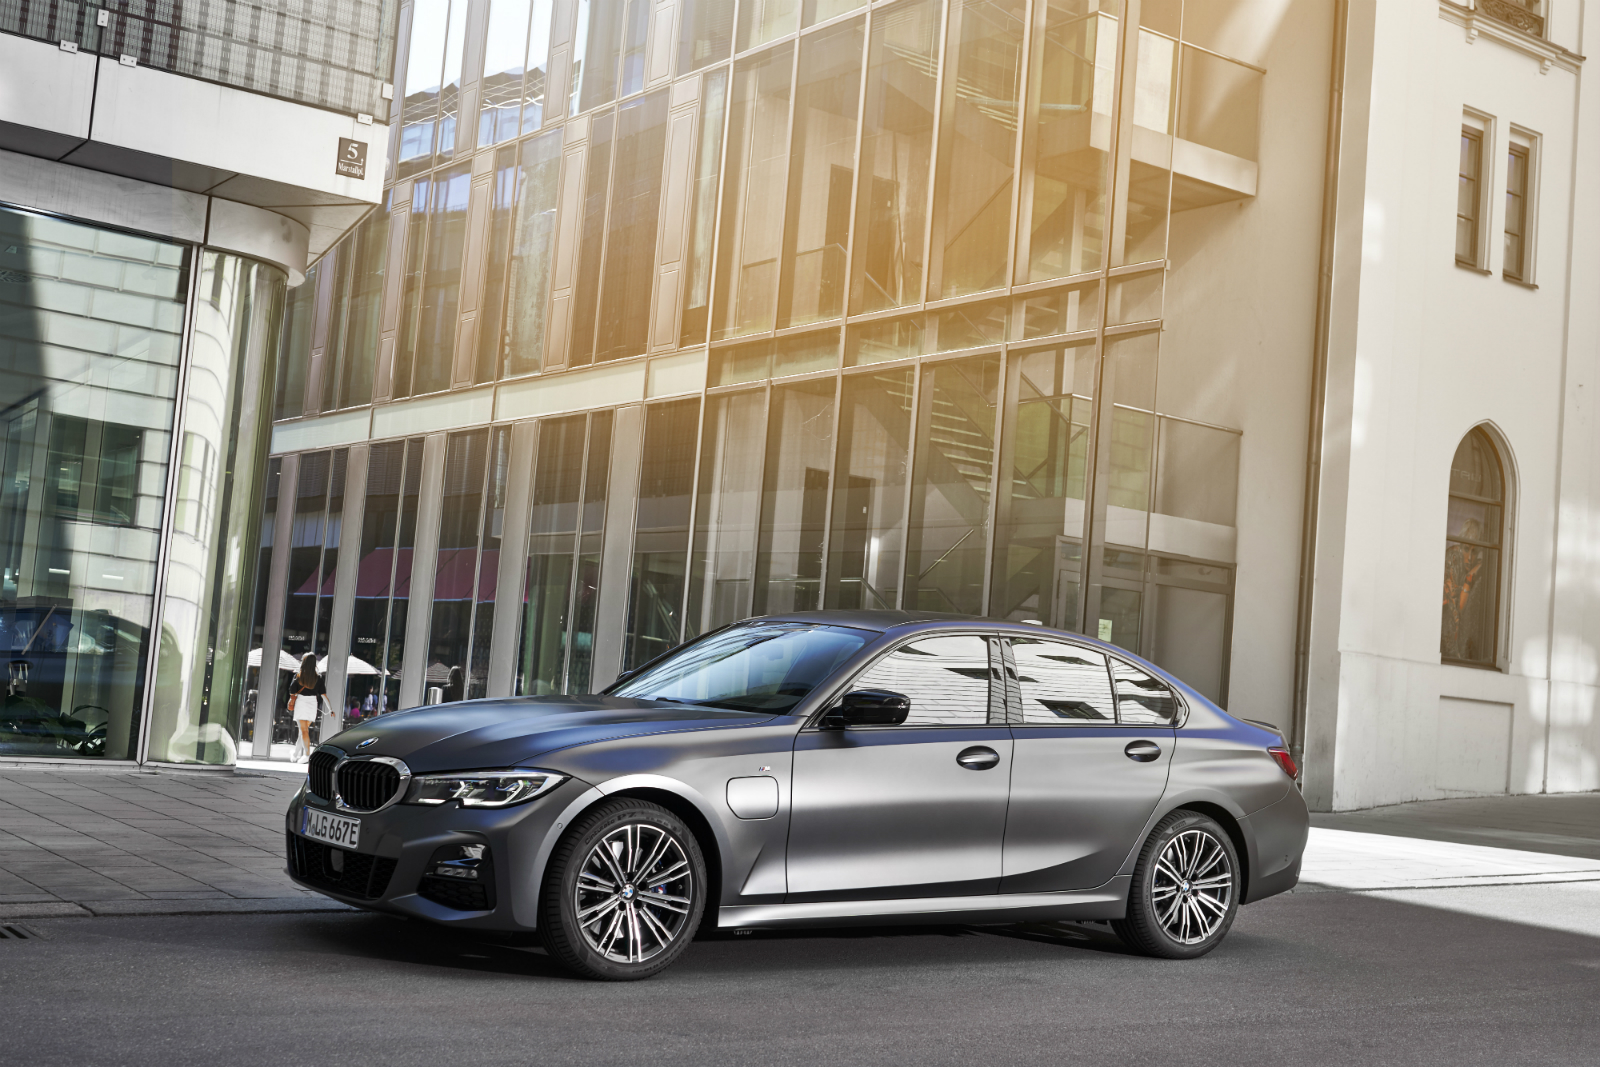 Mai sportiv si mai eficient ca niciodata datorita celei mai noi tehnologii BMW eDrive: noul BMW 330e Sedan este lansat pe piata